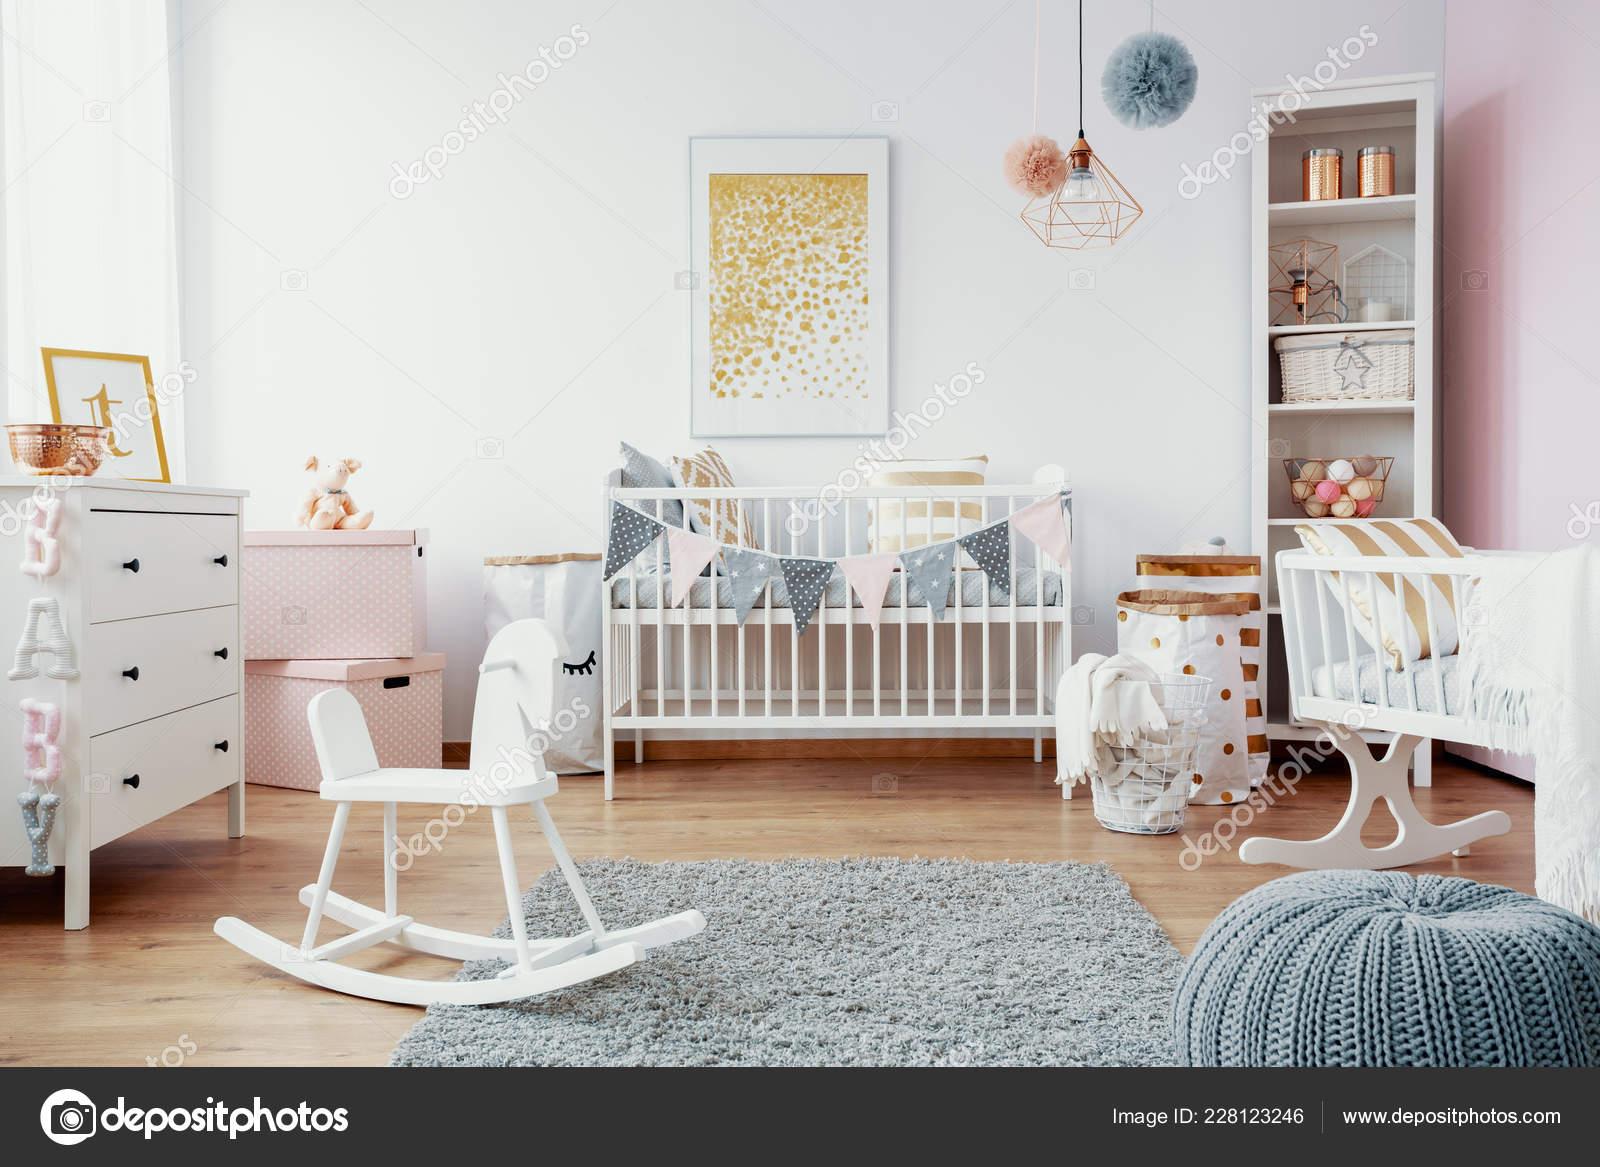 Chambre Bébé Lumineux Avec Tapis Mobilier Blanc Gris Sur